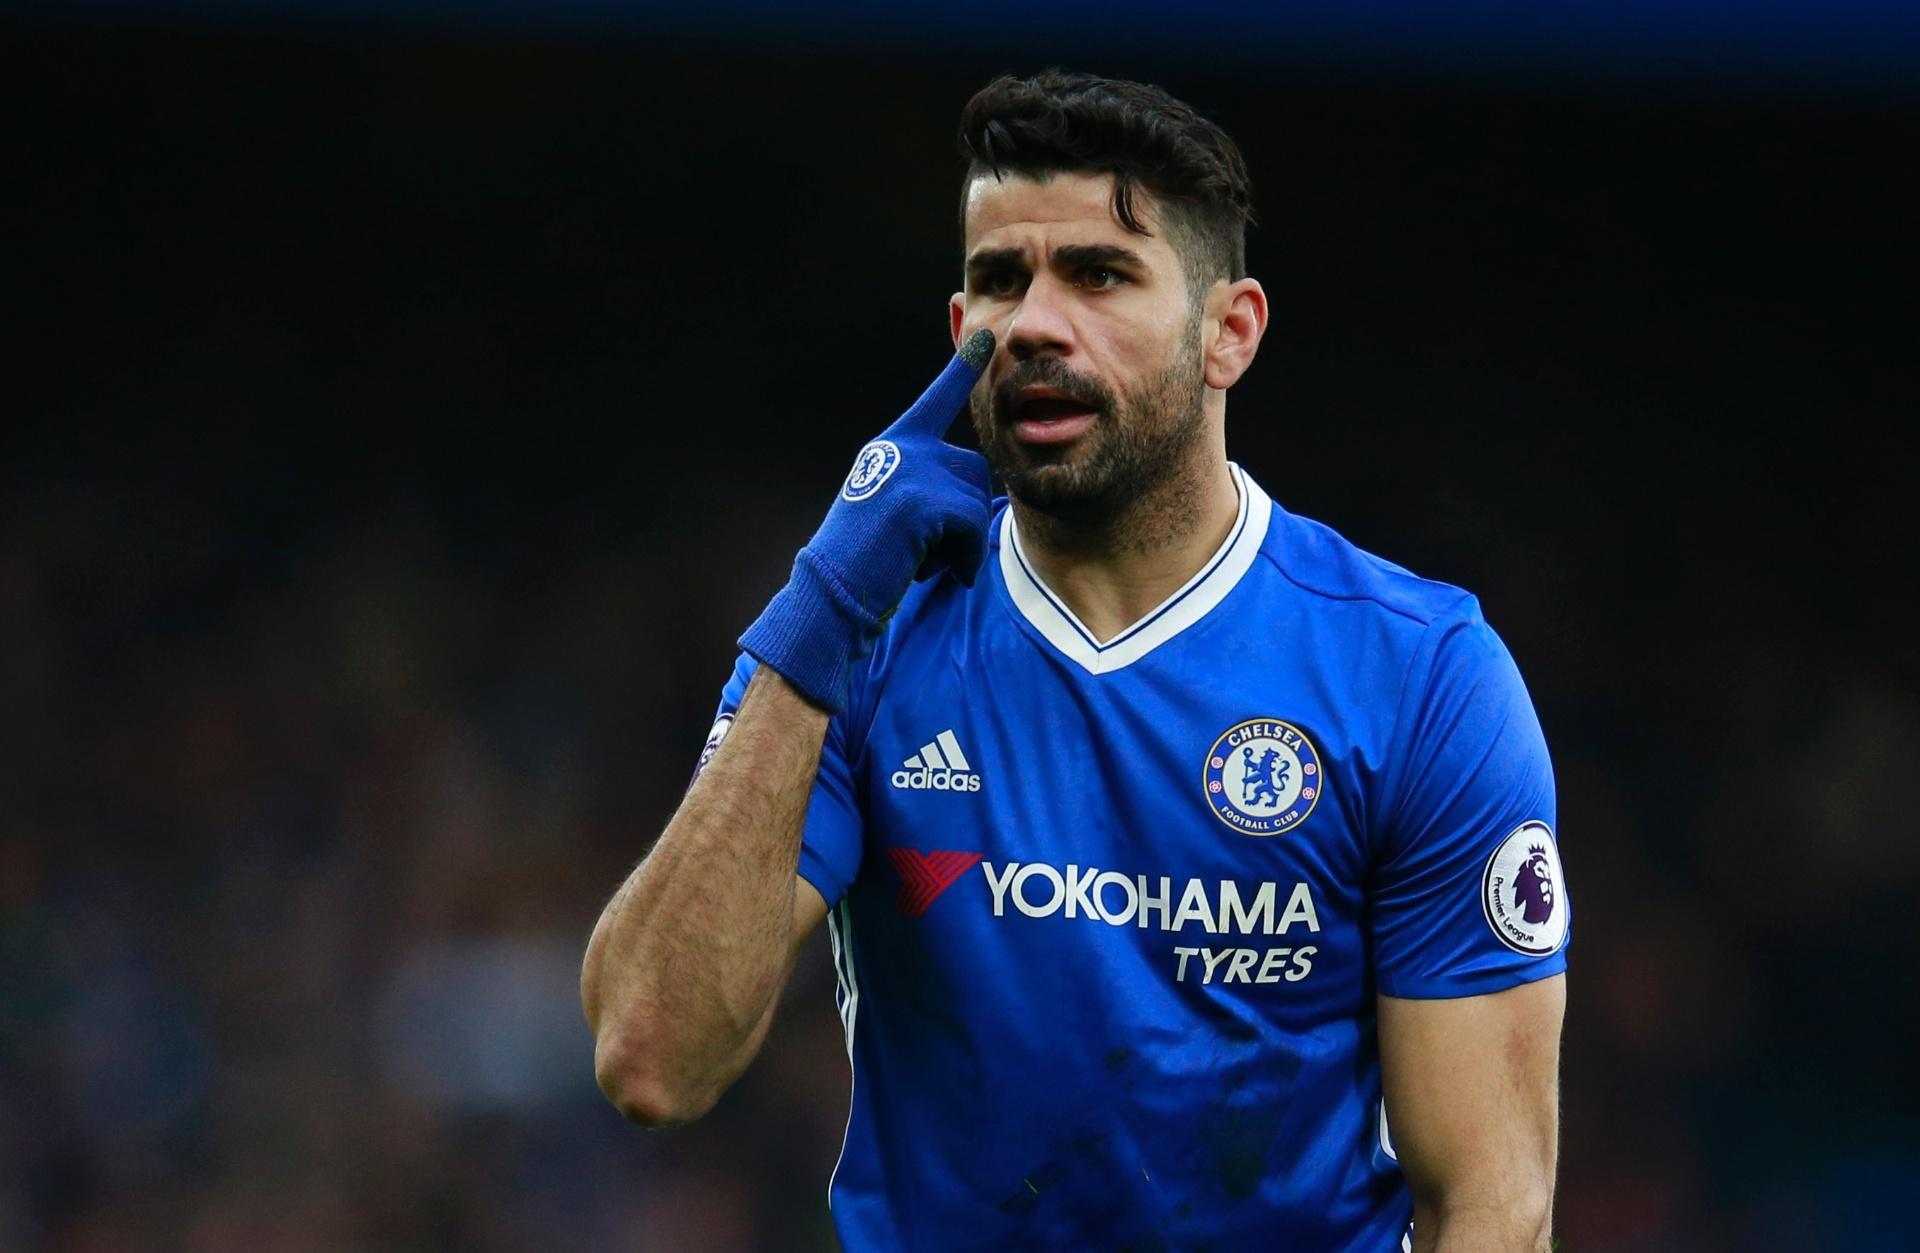 Diego Costa diz que escolheu jogar no Chelsea por causa de Mourinho -  15 04 2017 - UOL Esporte dea010b60f542